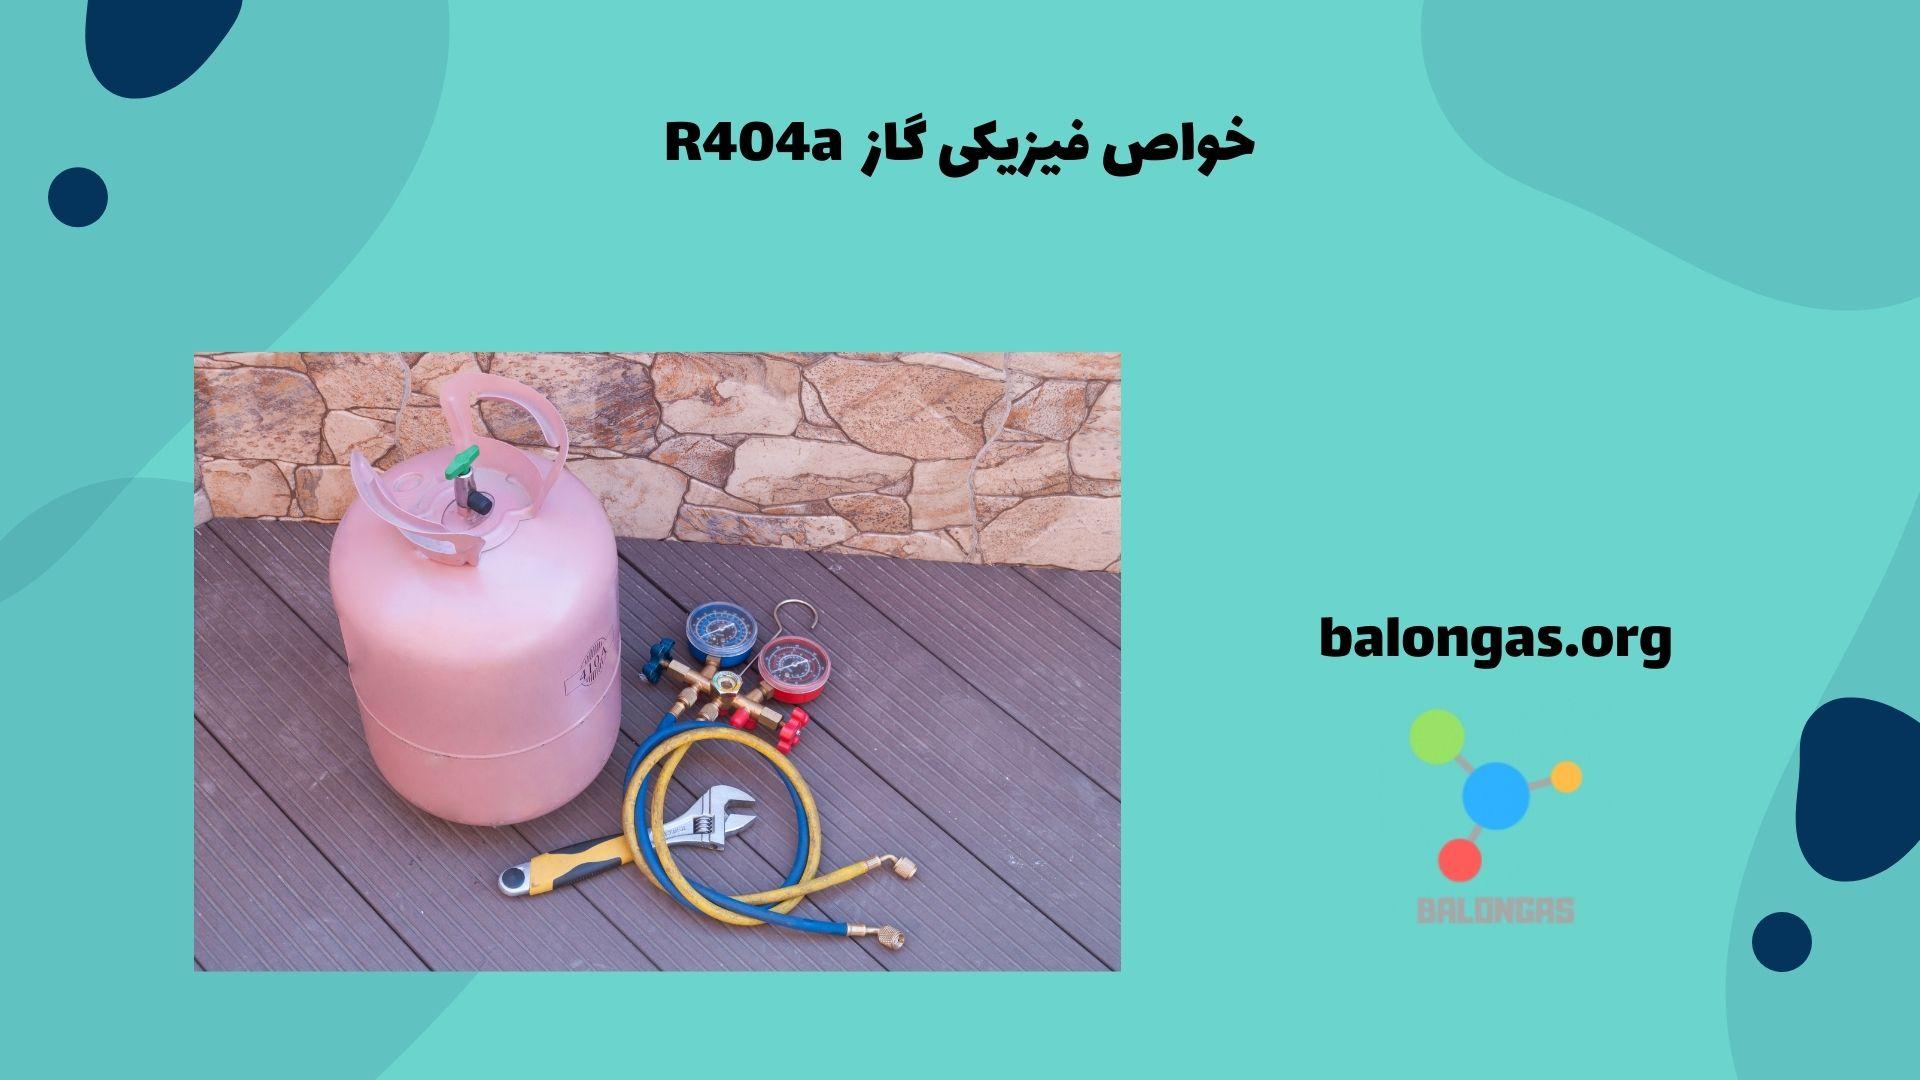 خواص فیزیکی گاز R404a